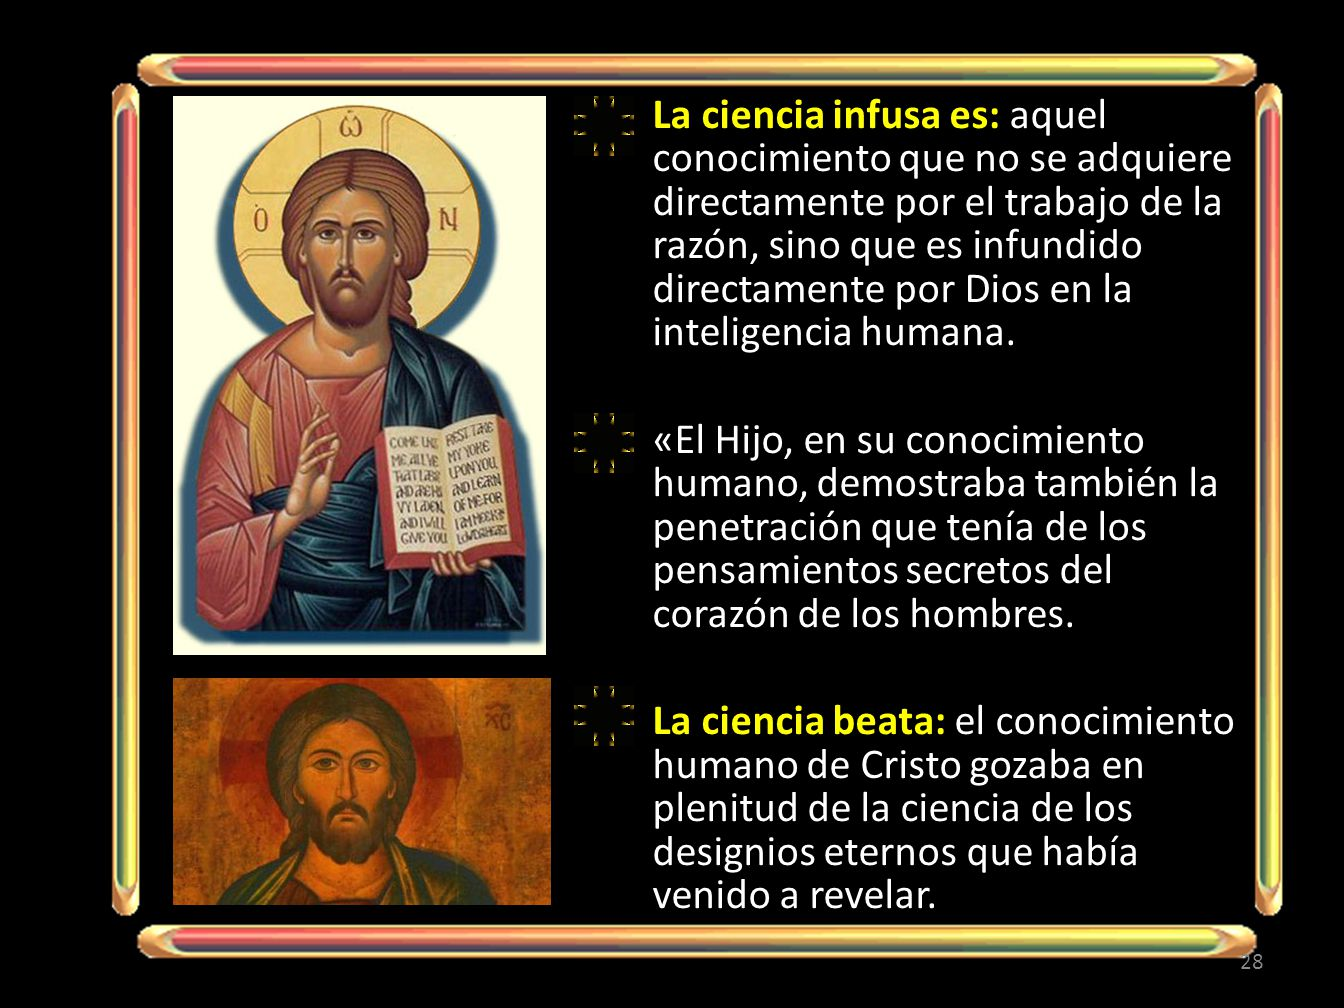 La ciencia infusa es: aquel conocimiento que no se adquiere directamente por el trabajo de la razón, sino que es infundido directamente por Dios en la